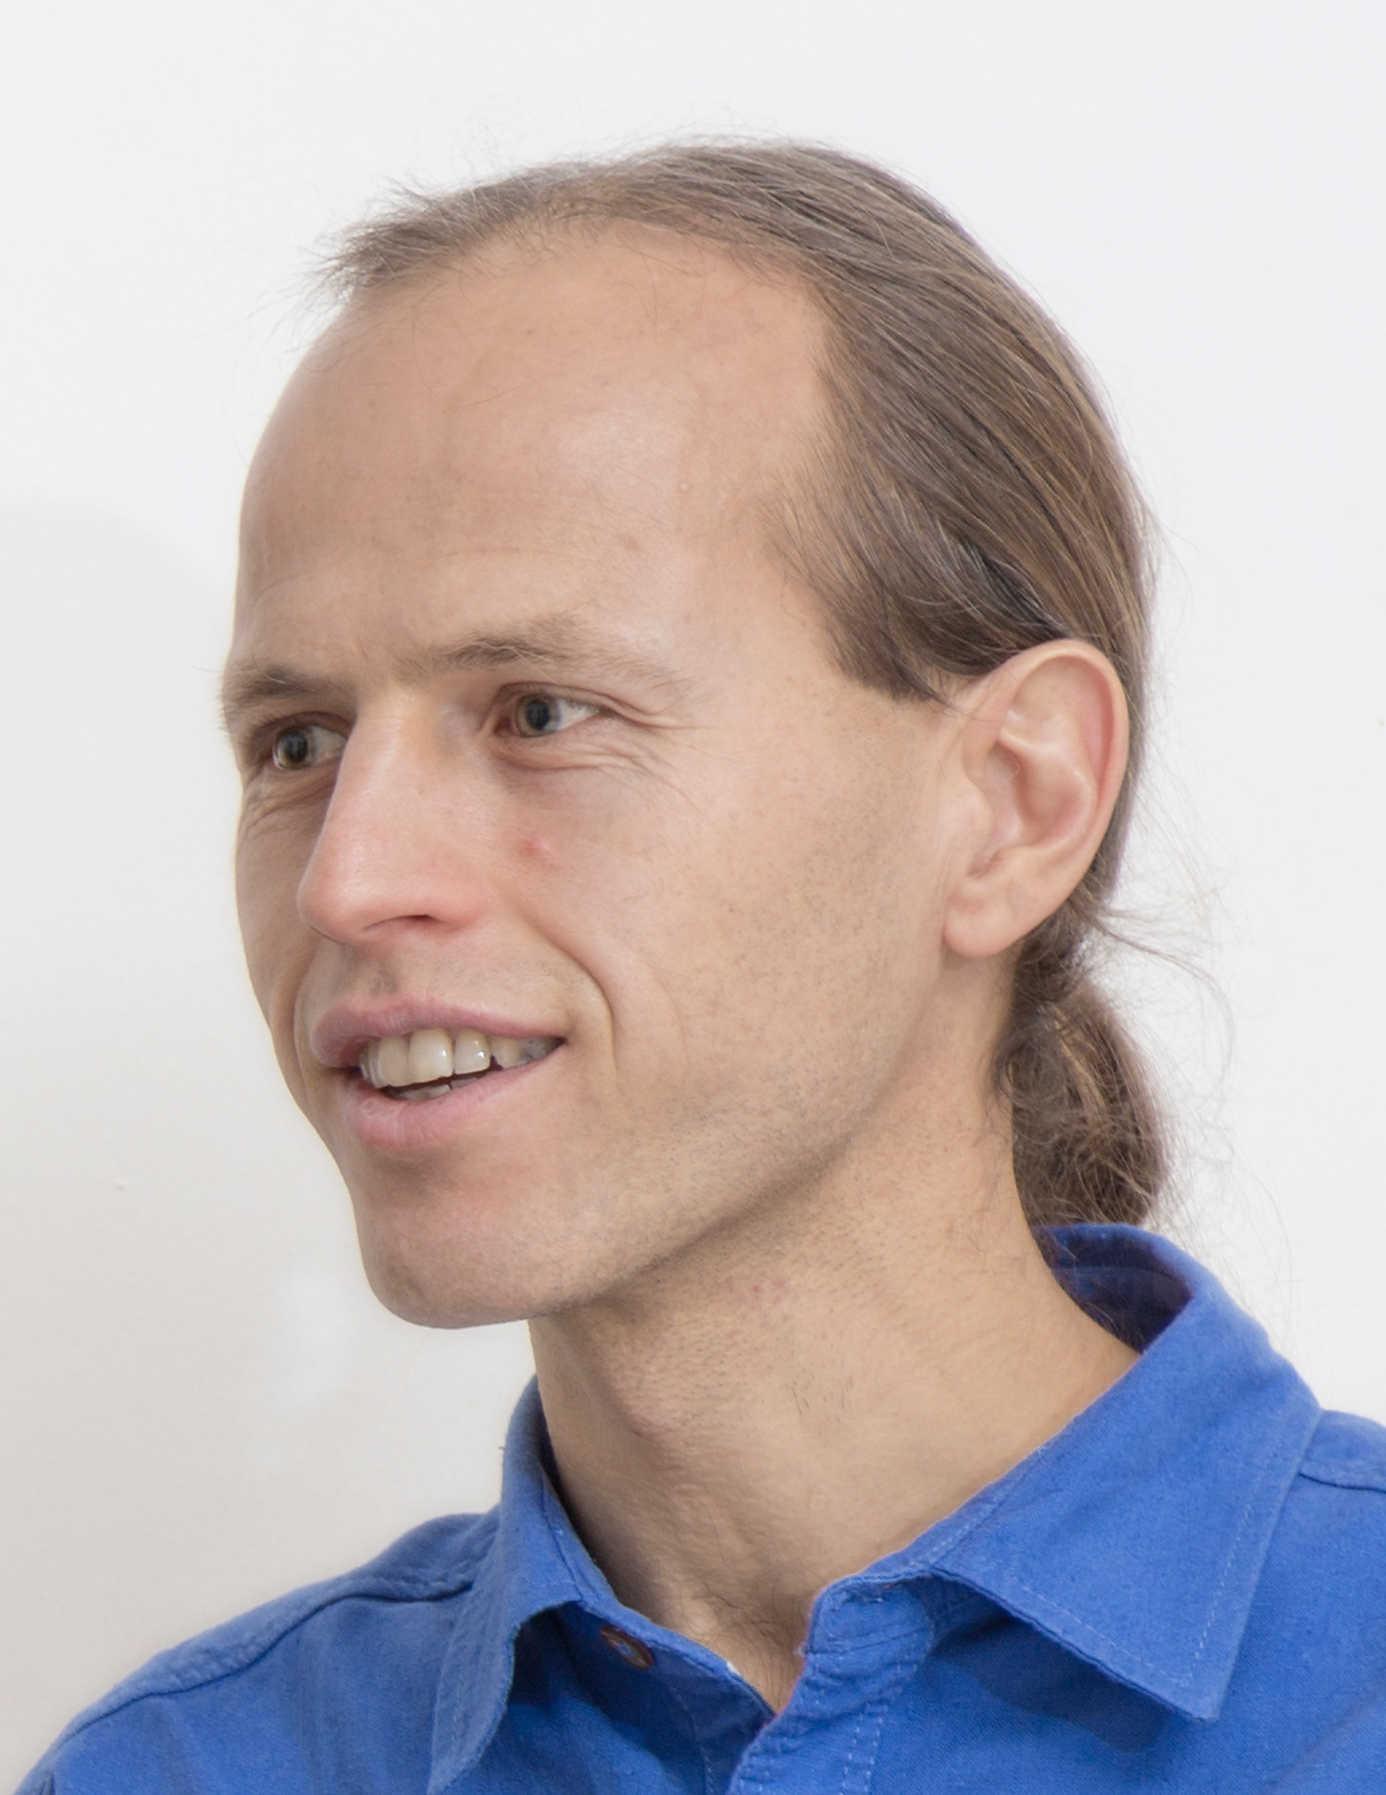 Tom Sokolowski